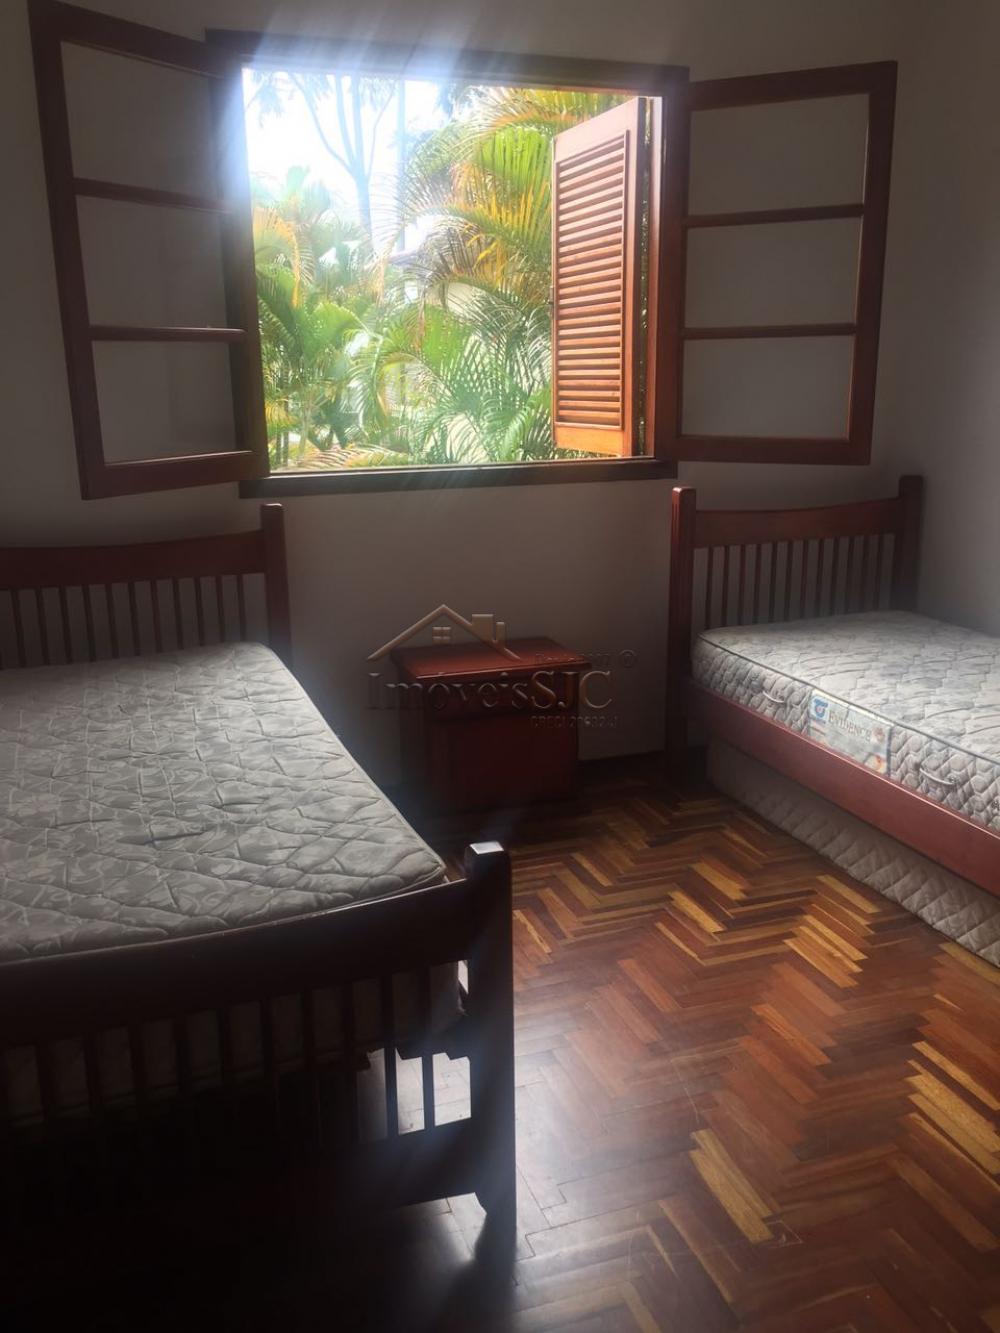 Alugar Casas / Condomínio em São José dos Campos apenas R$ 3.800,00 - Foto 7